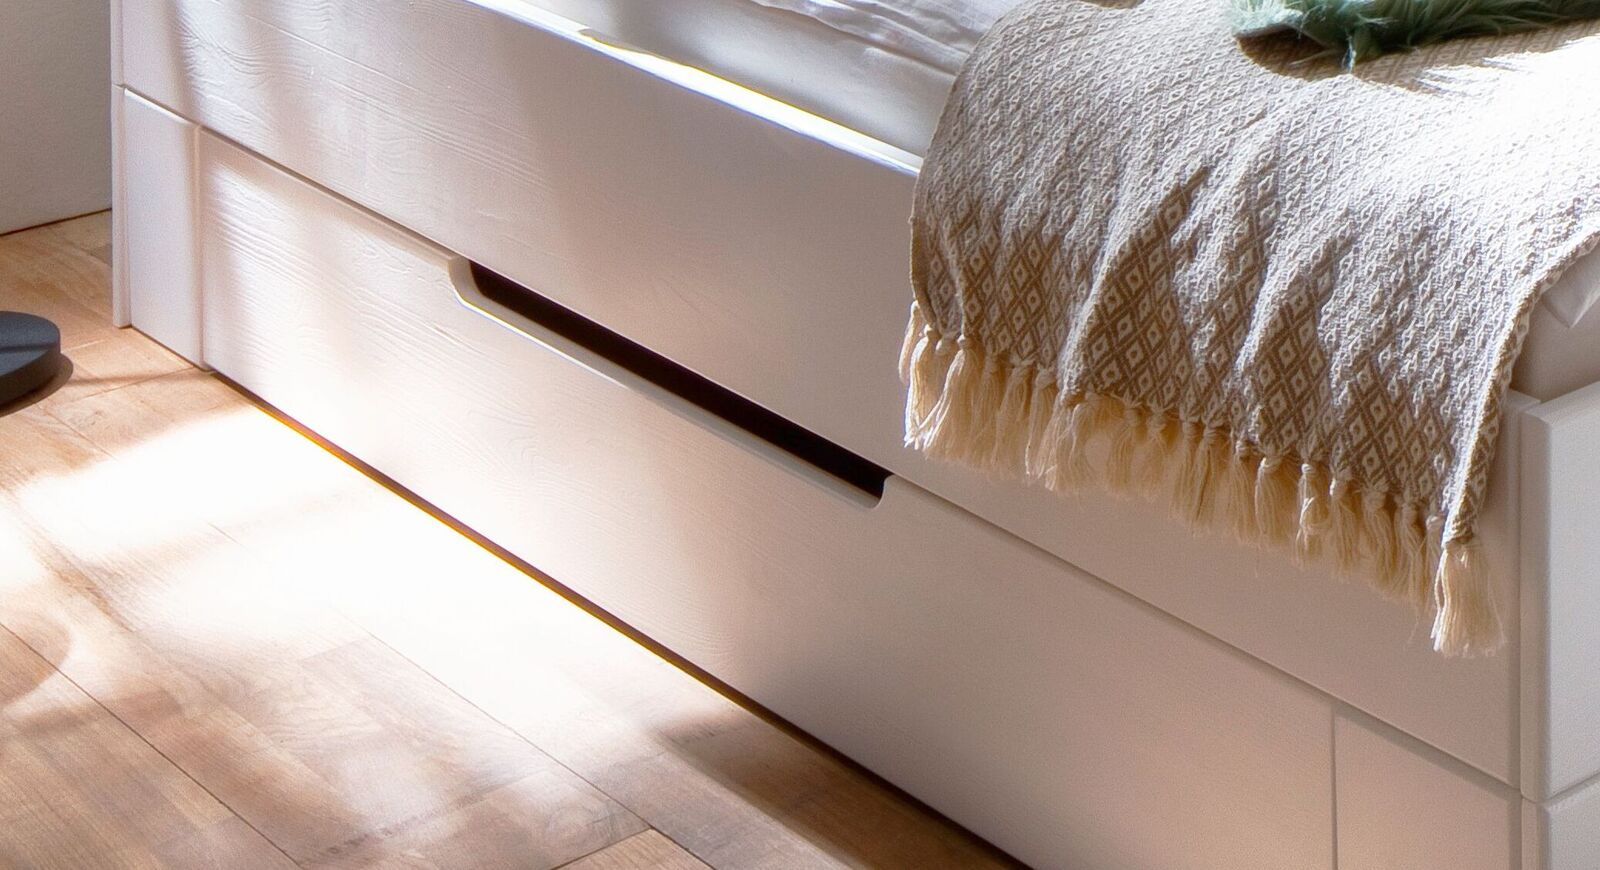 Schubkasten-Bett Ottena mit runder Griffmulde